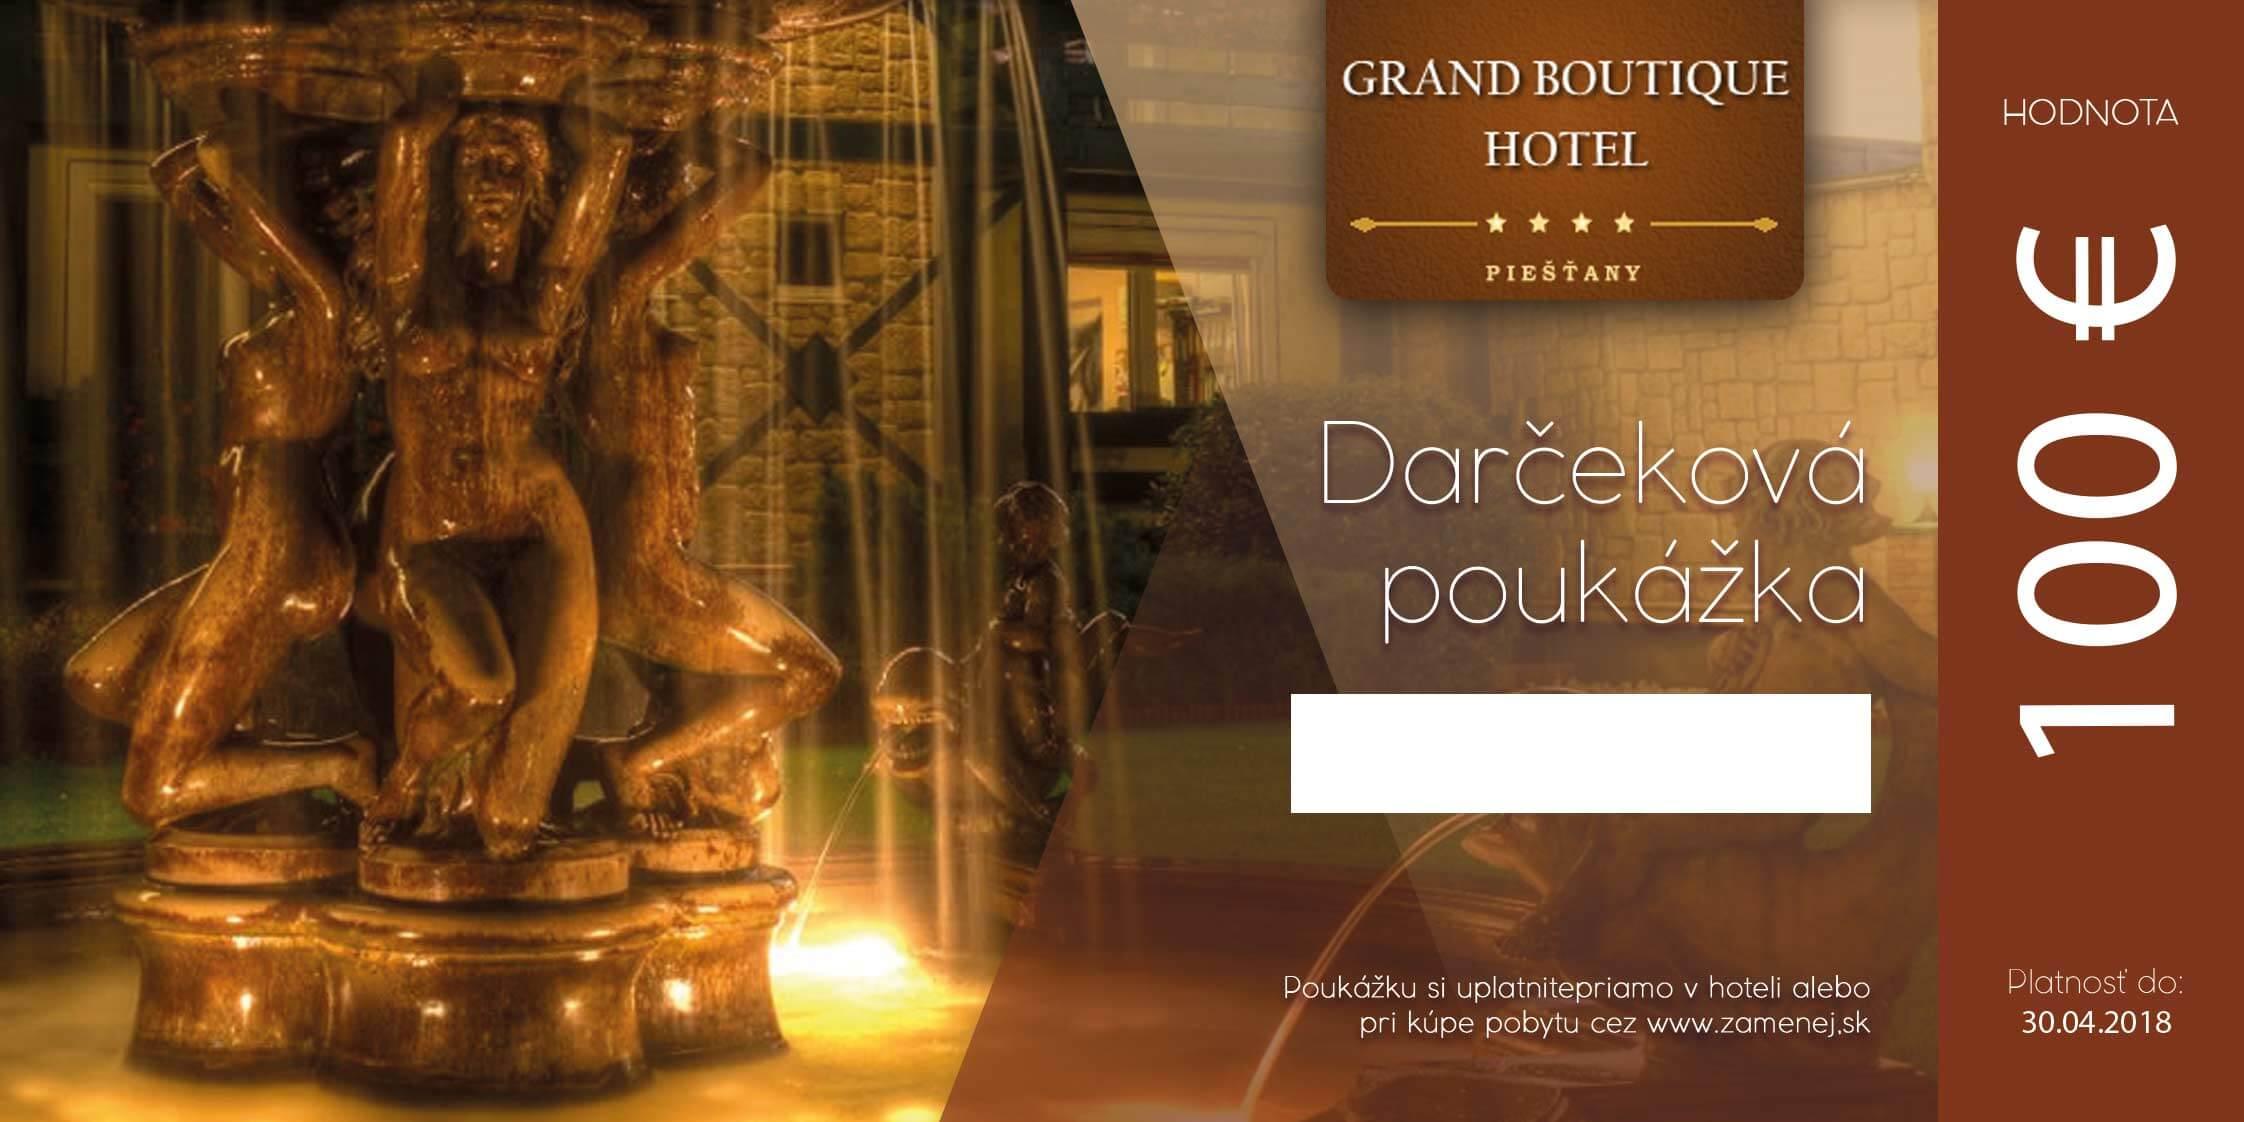 Darčeková poukážka na pobyt v Grand Boutique Hoteli Sergijo**** v hodnote 100 €